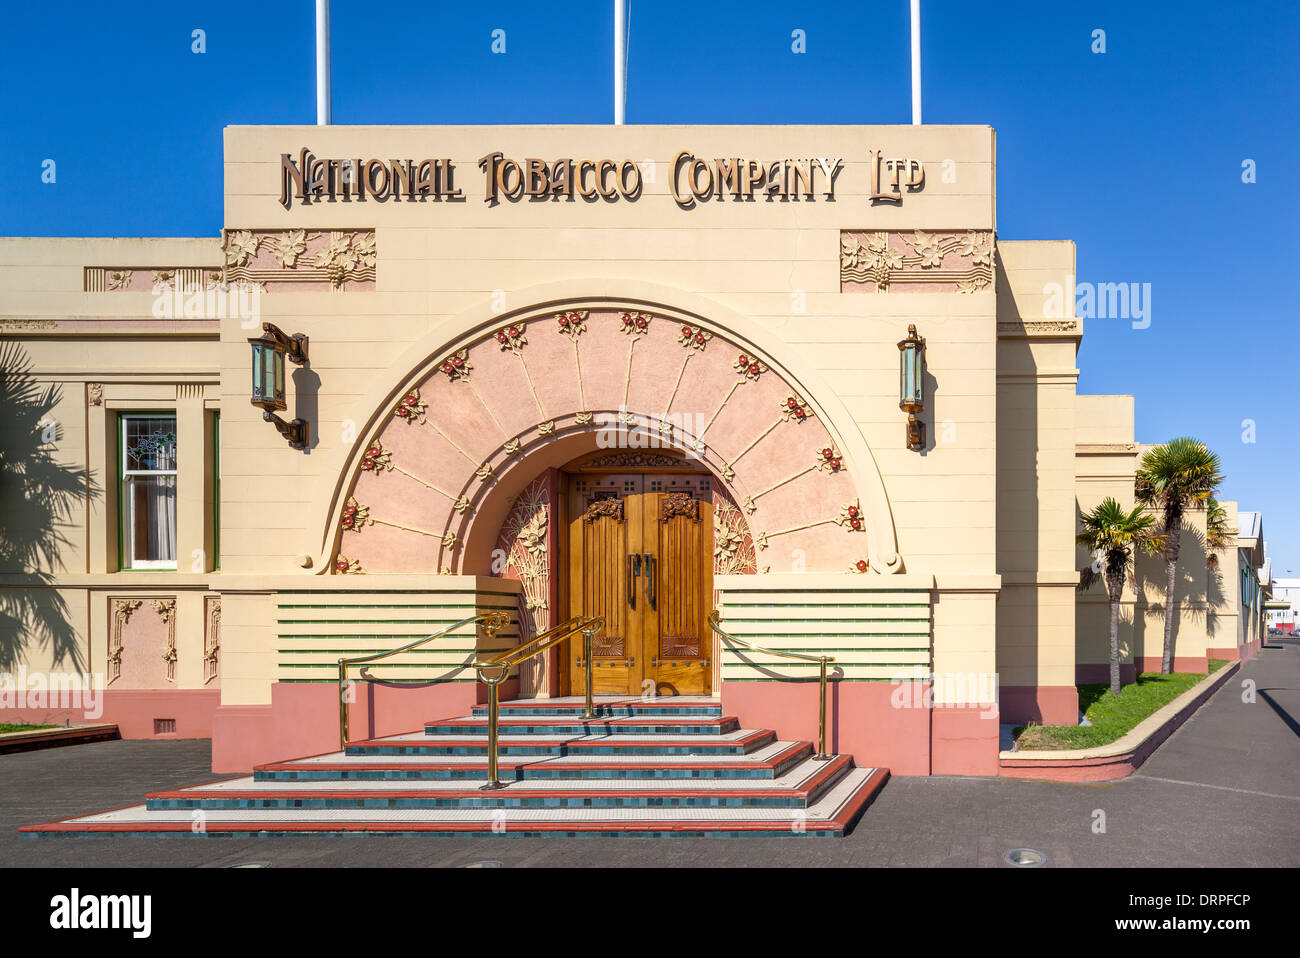 Art Deco Napier célèbre édifice de la National Tobacco Company, anciennement Rothmans bâtiment. Ahuriri Napier, Nouvelle-Zélande Île du Nord Photo Stock